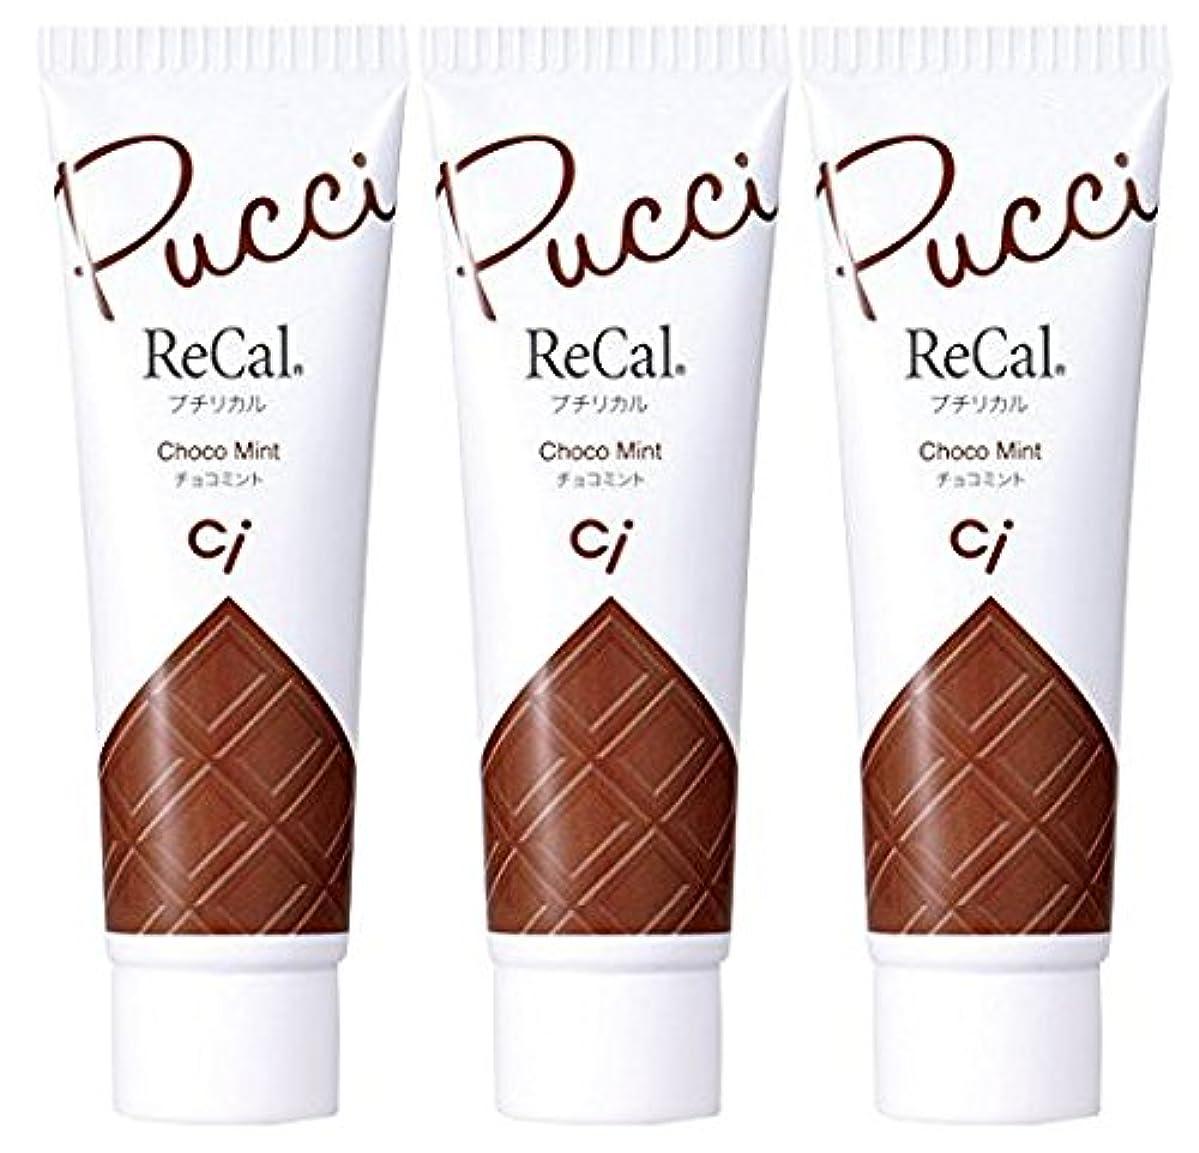 多様体モニター季節プチリカル チョコミント 3本